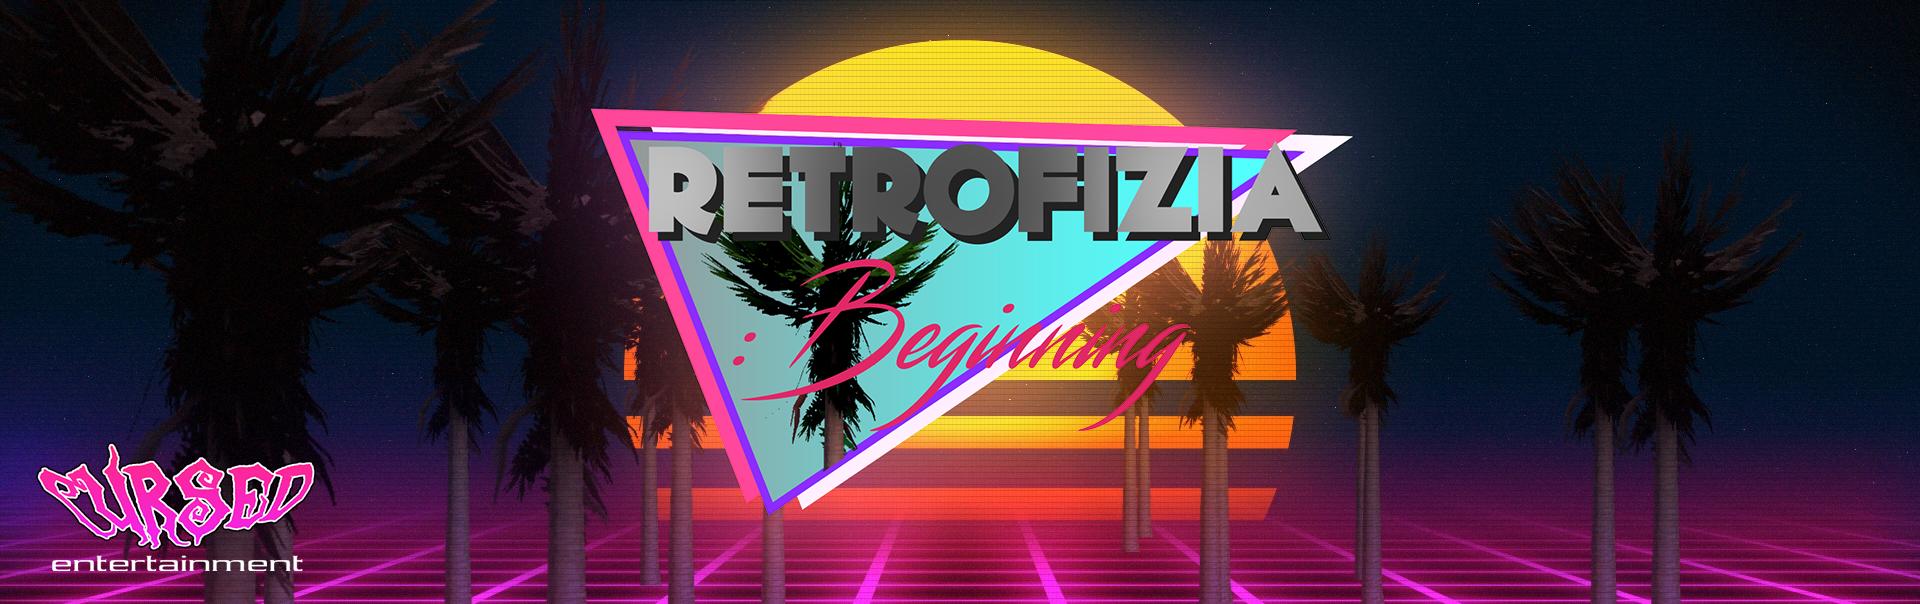 Retrofizia - Beginning